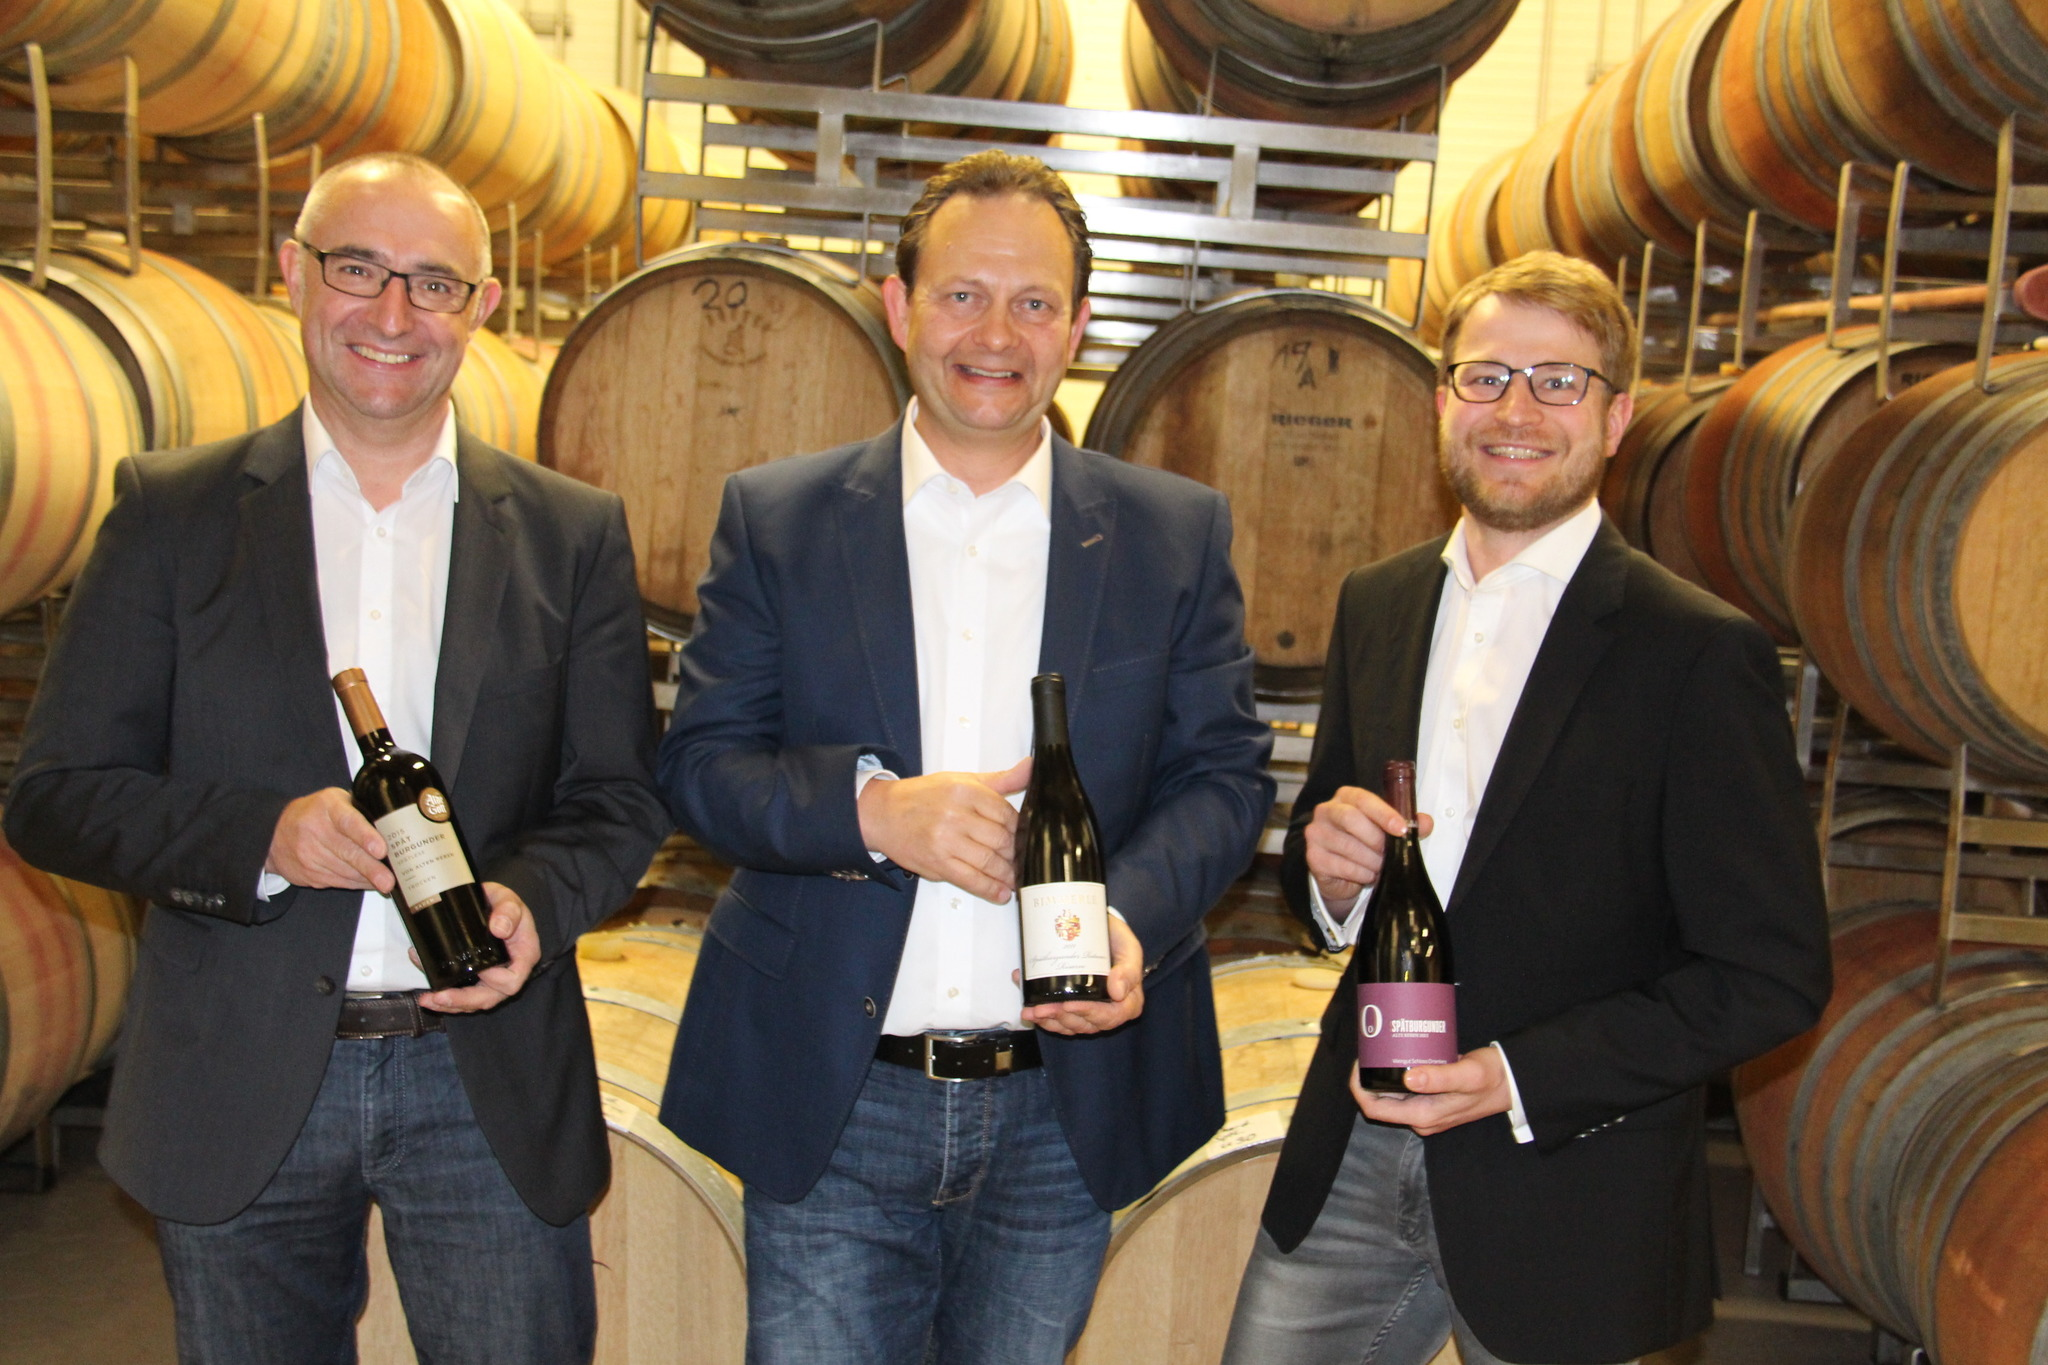 Die Geschäftsführer Günter Lehmann, Siegbert Bimmerle und Mathias Wolf  (v. l.) stellten ihre Weine in Erlach vor.